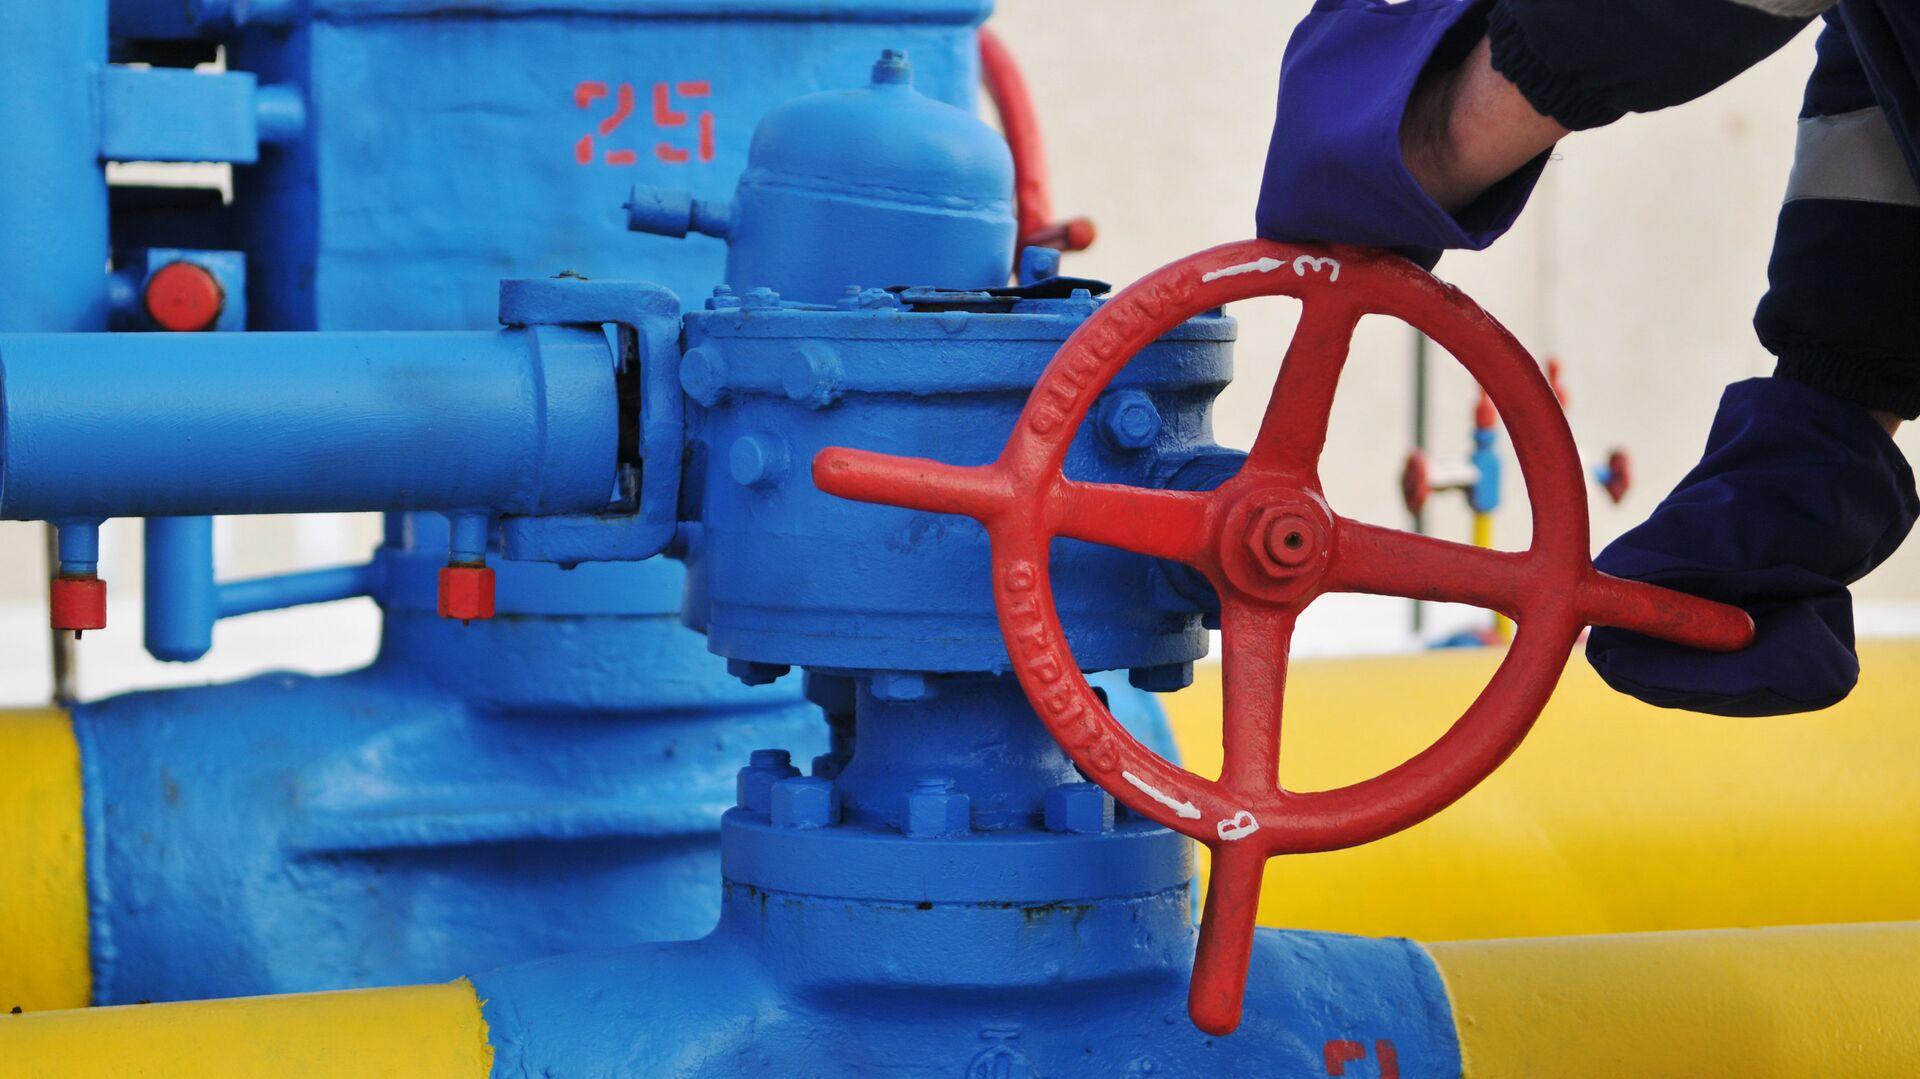 Вентиль на трубопроводе газораспределительной станции Нежухив  - Sputnik Грузия, 1920, 10.09.2021